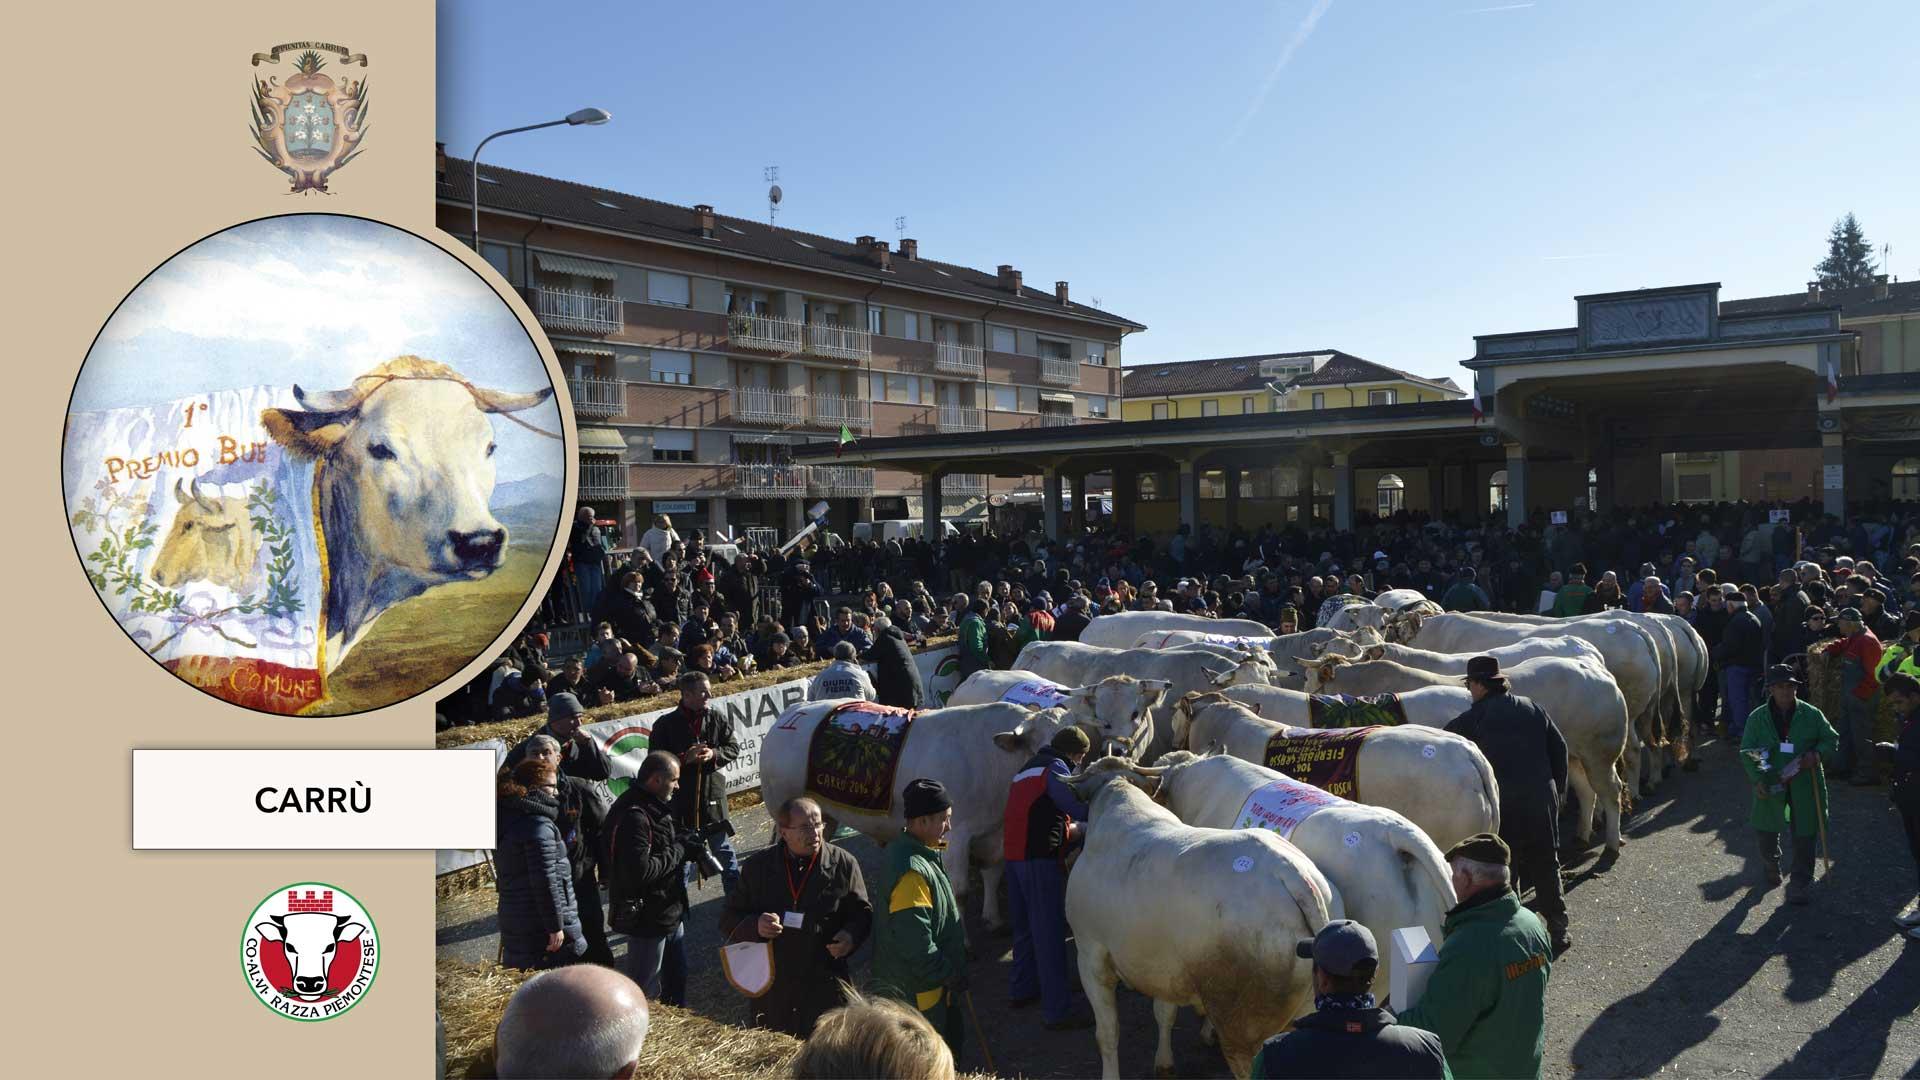 Bollito no stop! una tradizione secolare che continua a Carrù ... 0ca49f5c1702